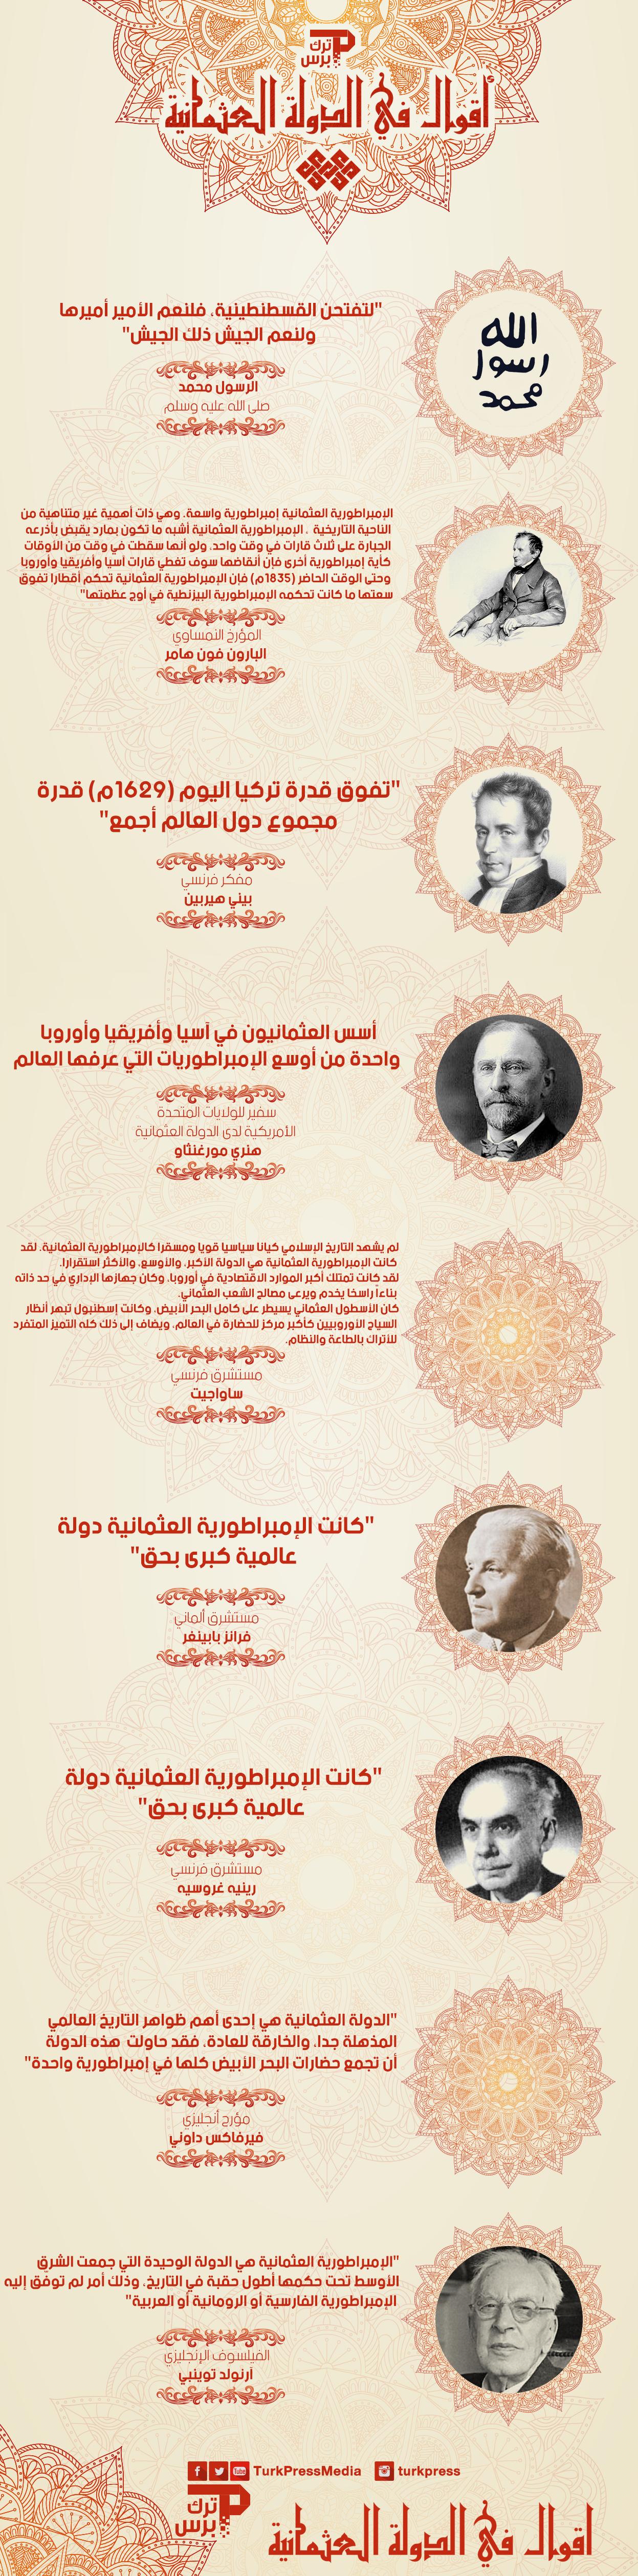 أقوال في الدولة العثمانية Golden Rule